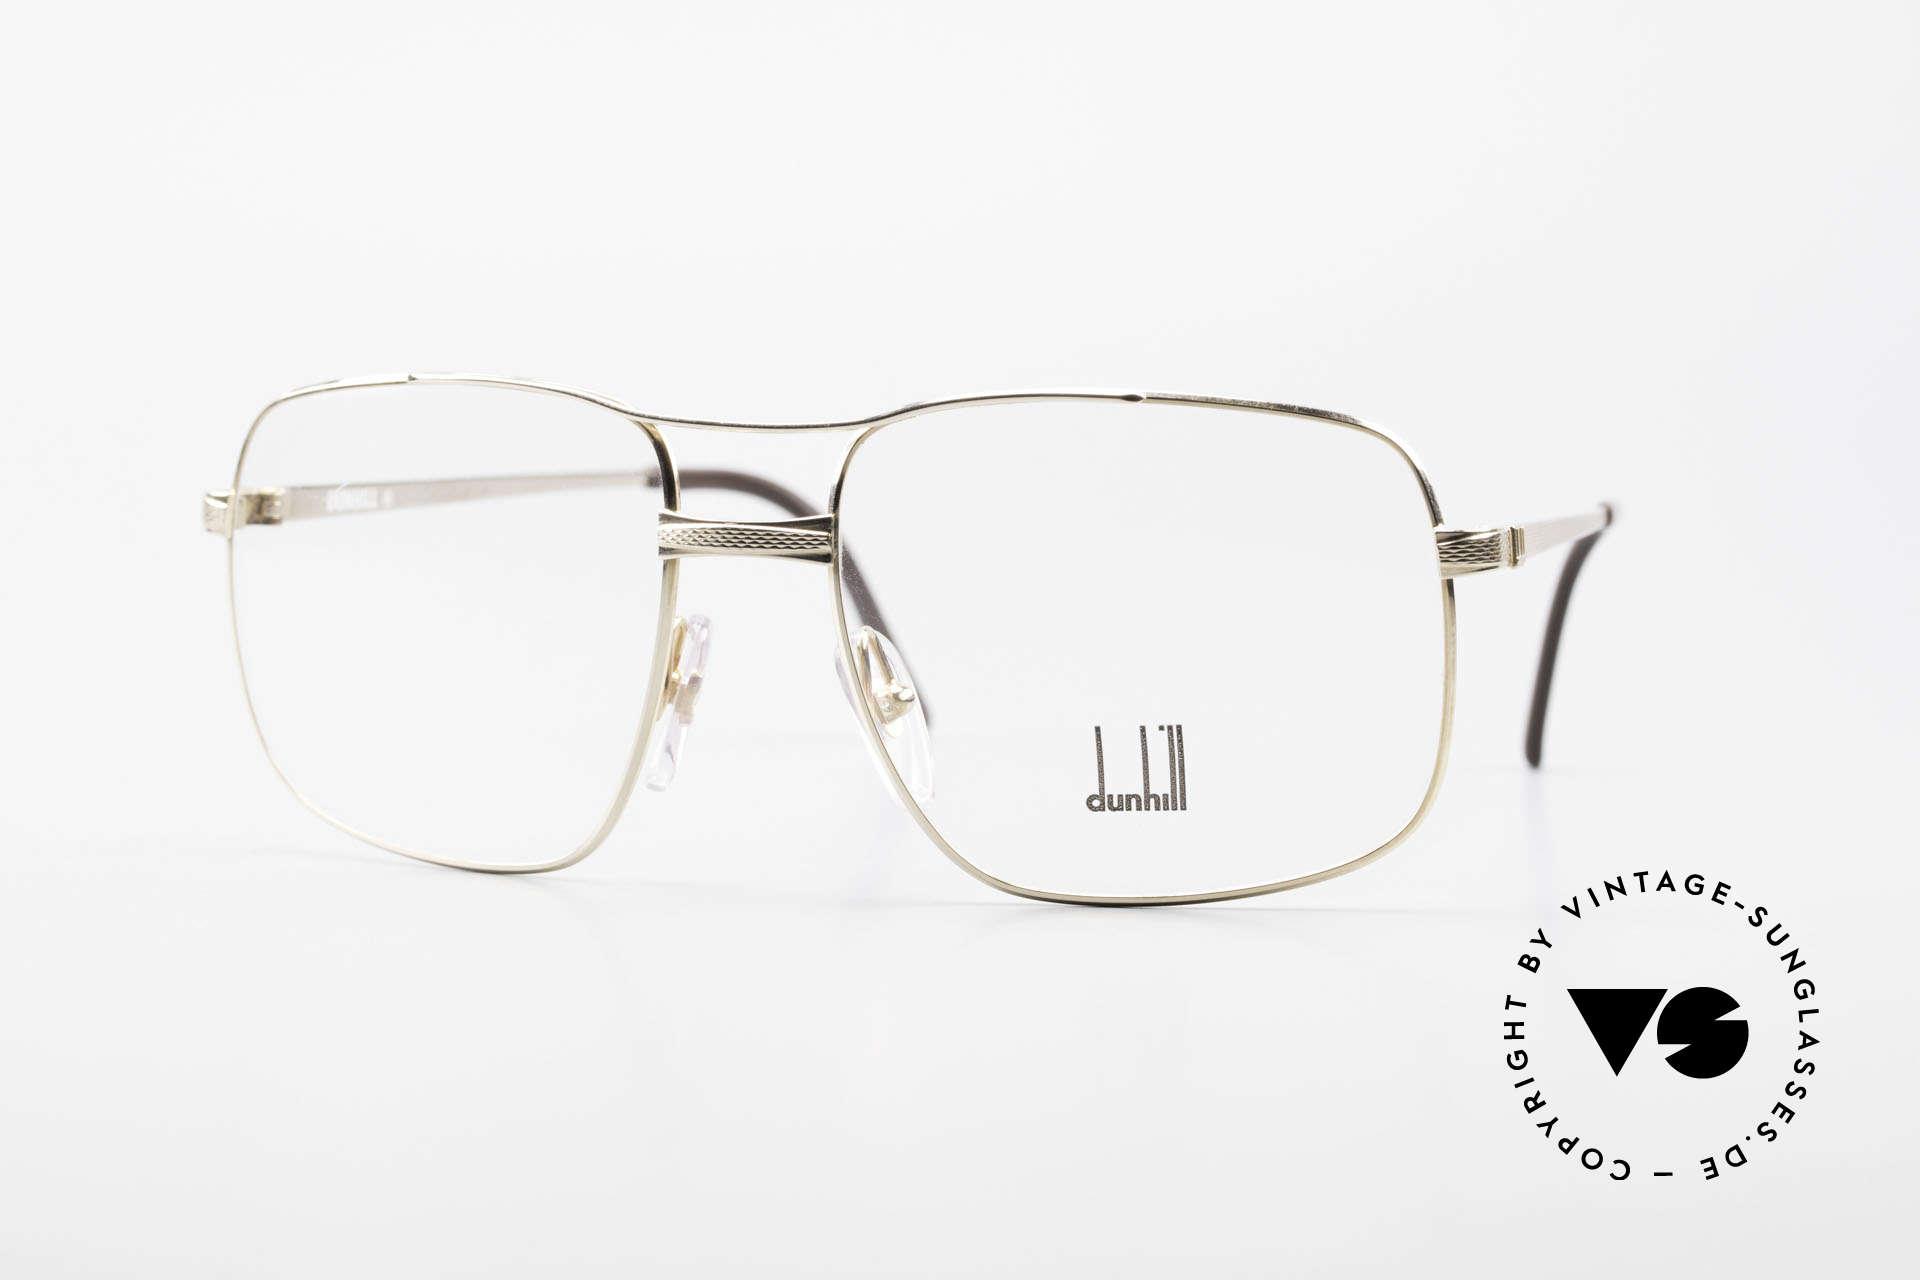 Dunhill 6048 Vergoldete 80er Brille Herren, vintage A. Dunhill Luxus-Brillenfassung von 1987, Passend für Herren